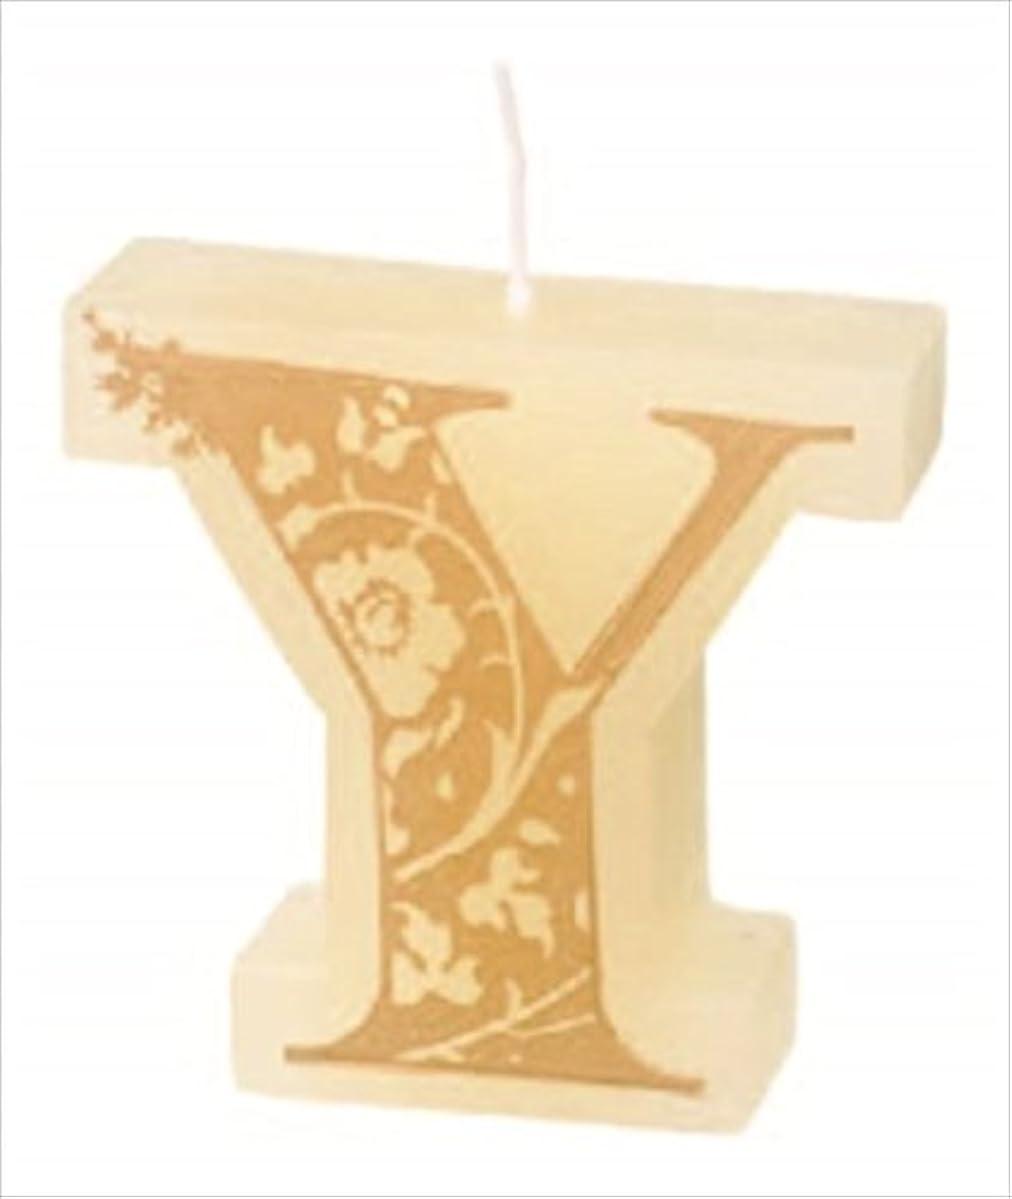 悪性星テスピアンカメヤマキャンドル(kameyama candle) イニシャルキャンドルミニ 「 Y 」